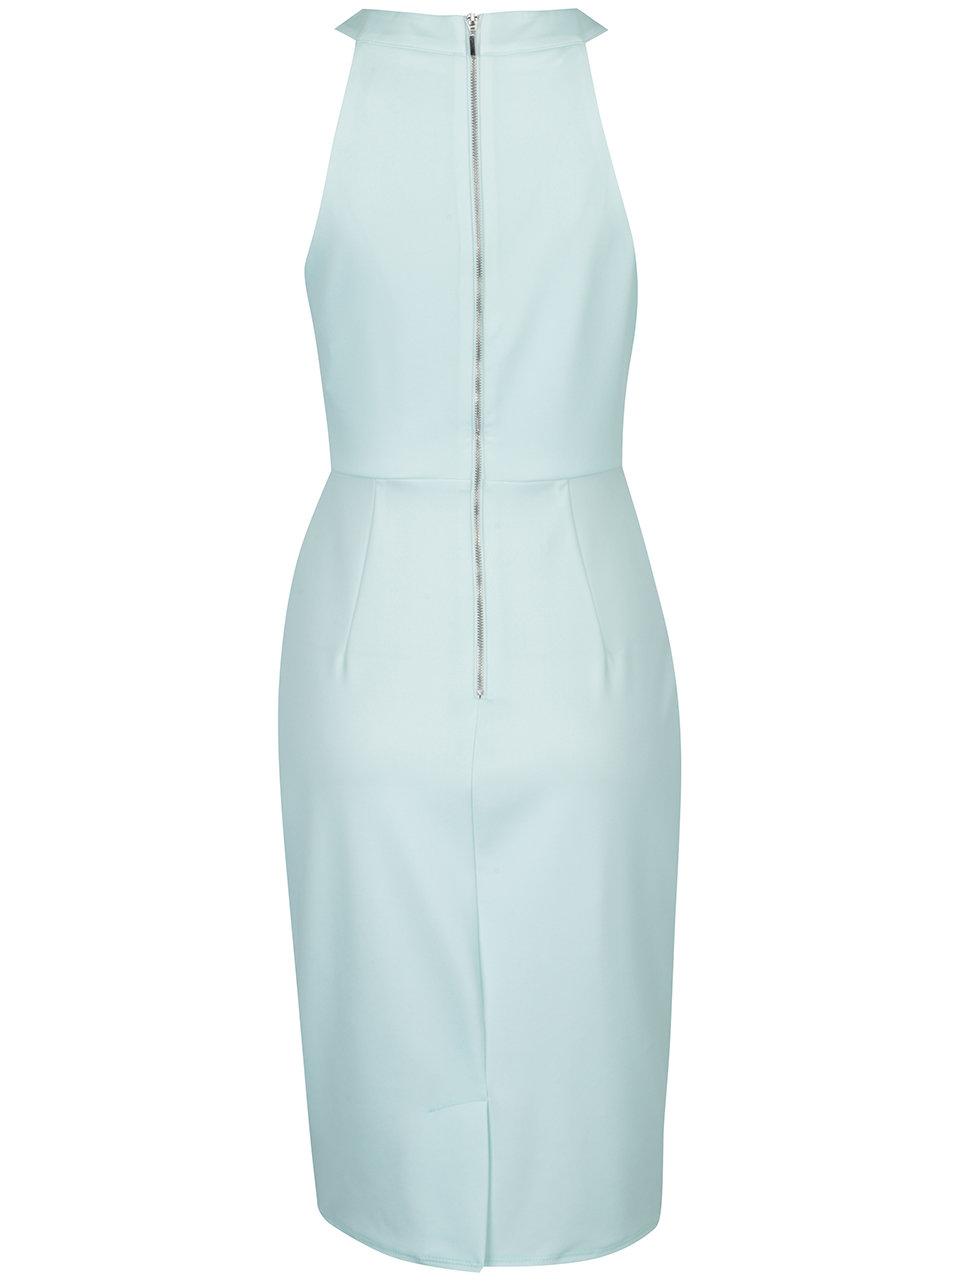 b107dca296e6 Mentolové kvetované šaty Dorothy Perkins ...